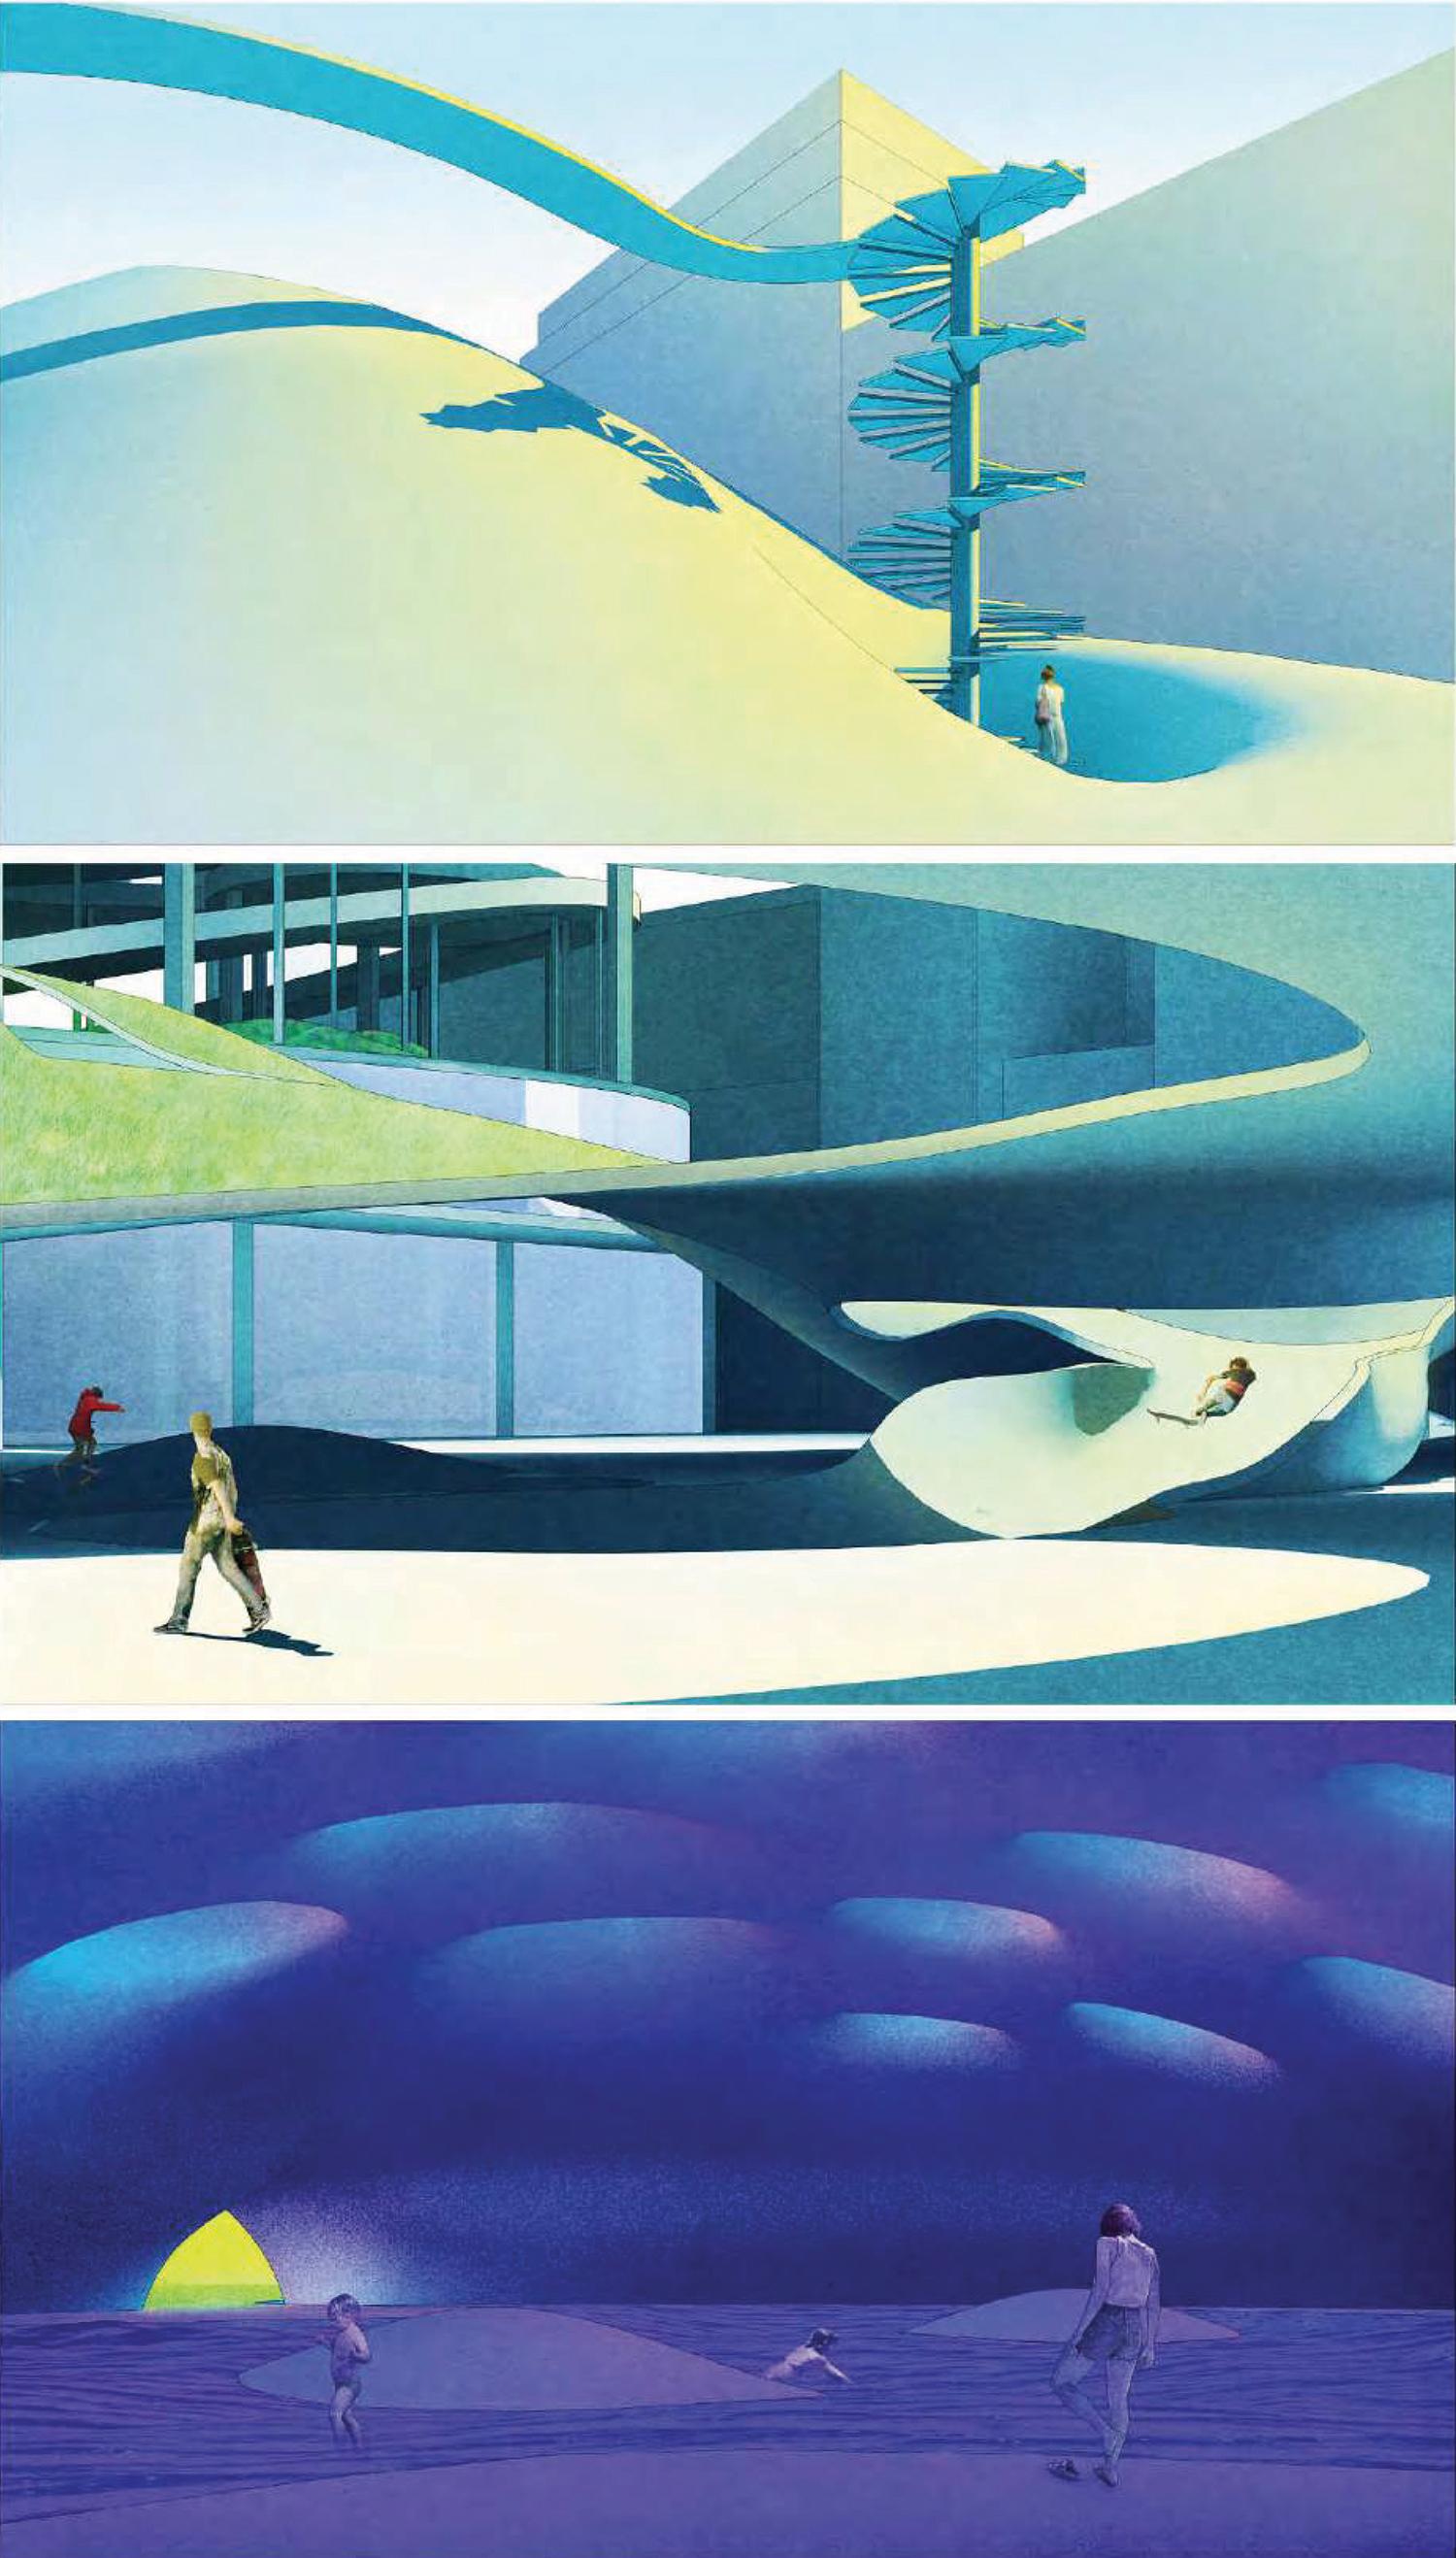 Architectural Association_Zhang Xinyi_2